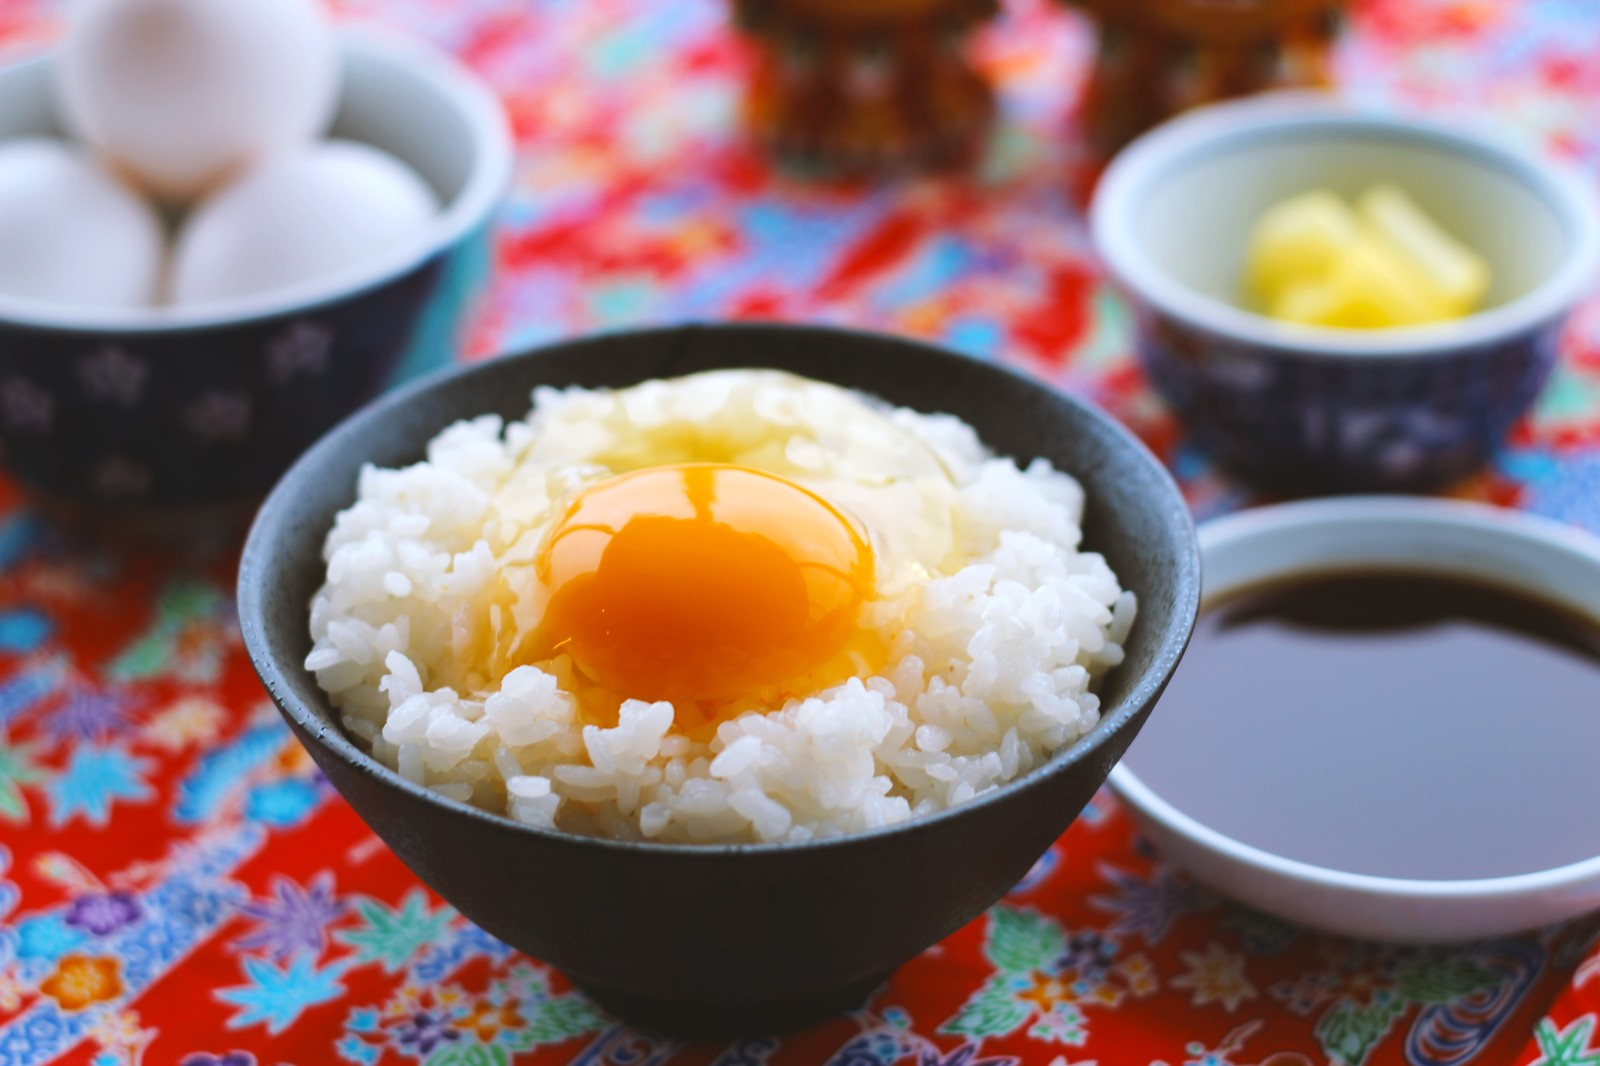 「朝食はたまごかけご飯(TKG)」の写真